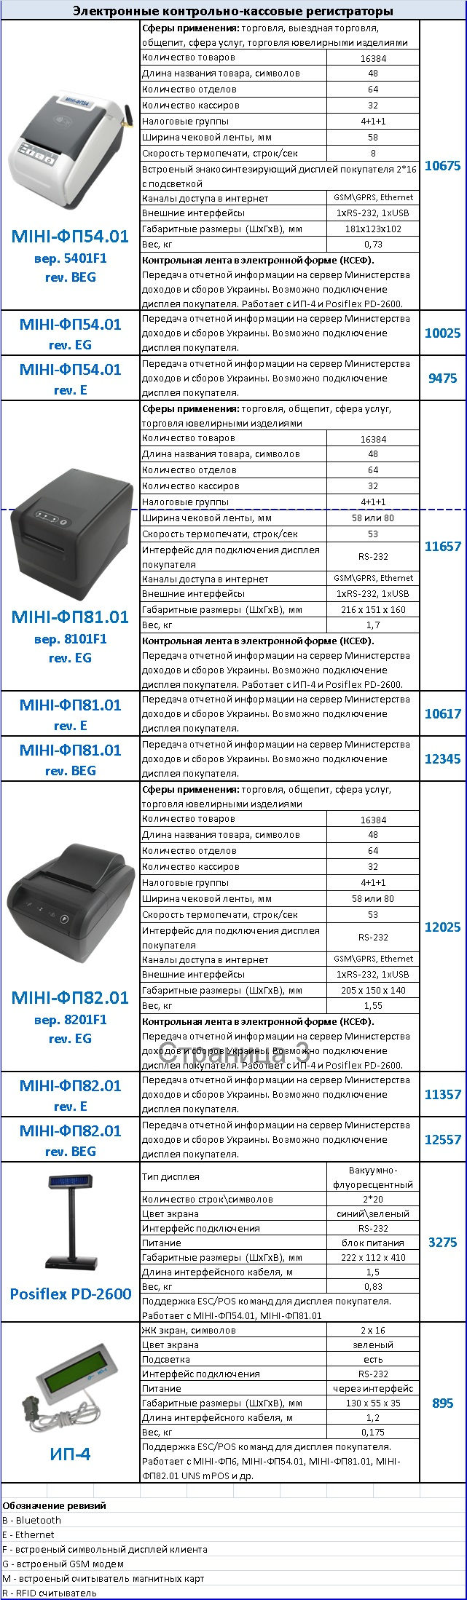 Фискальные регистраторы Мини-ФП 54.01 и Мини-ФП 81.01